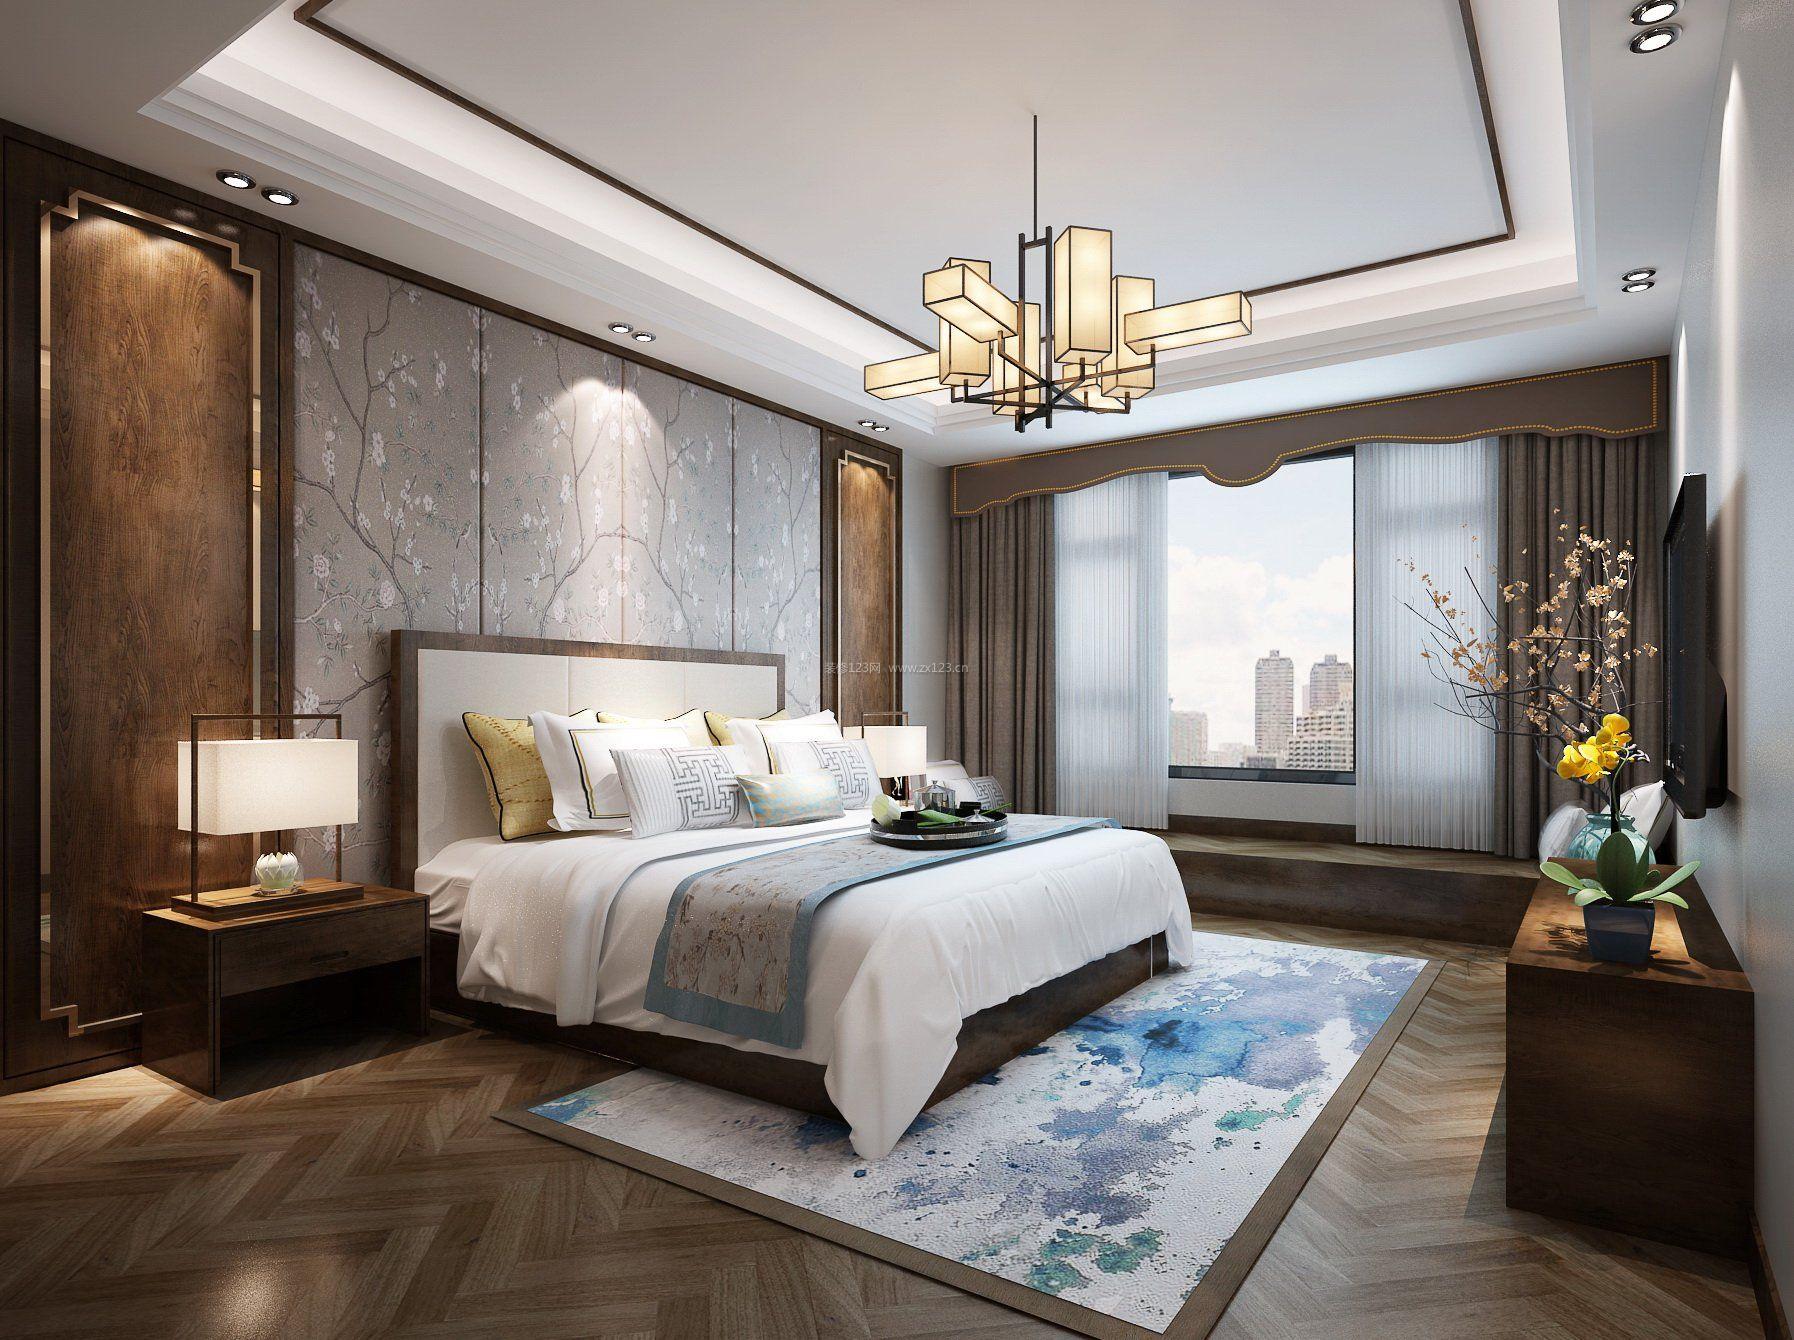 2017中式别墅家庭室内吊灯设计_装修123效果图